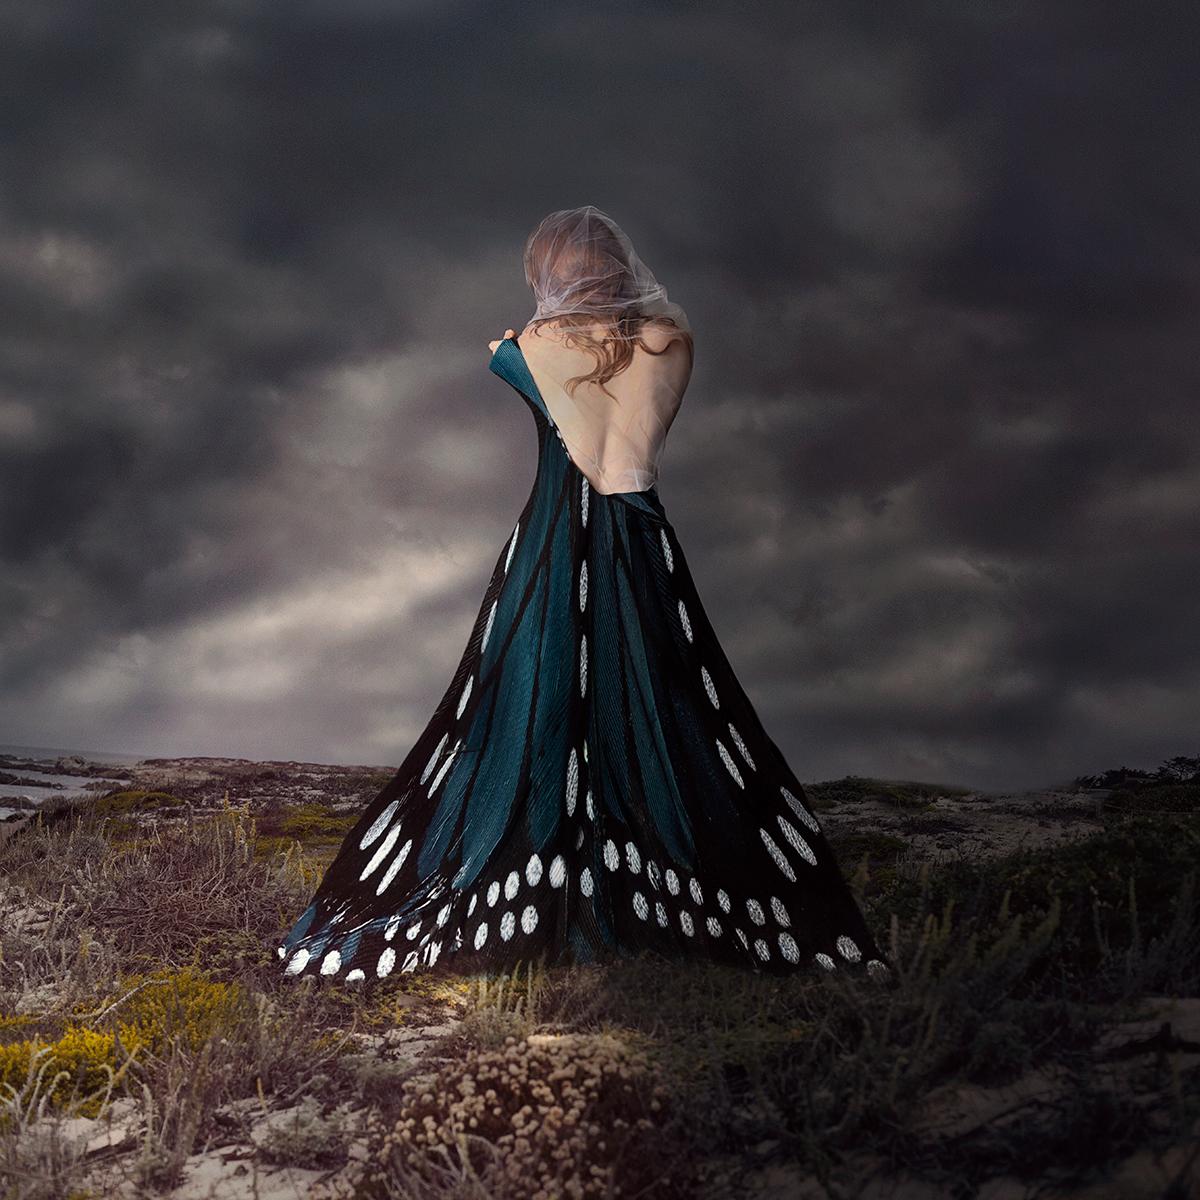 Lora Moore, Metamorphosis, 2018